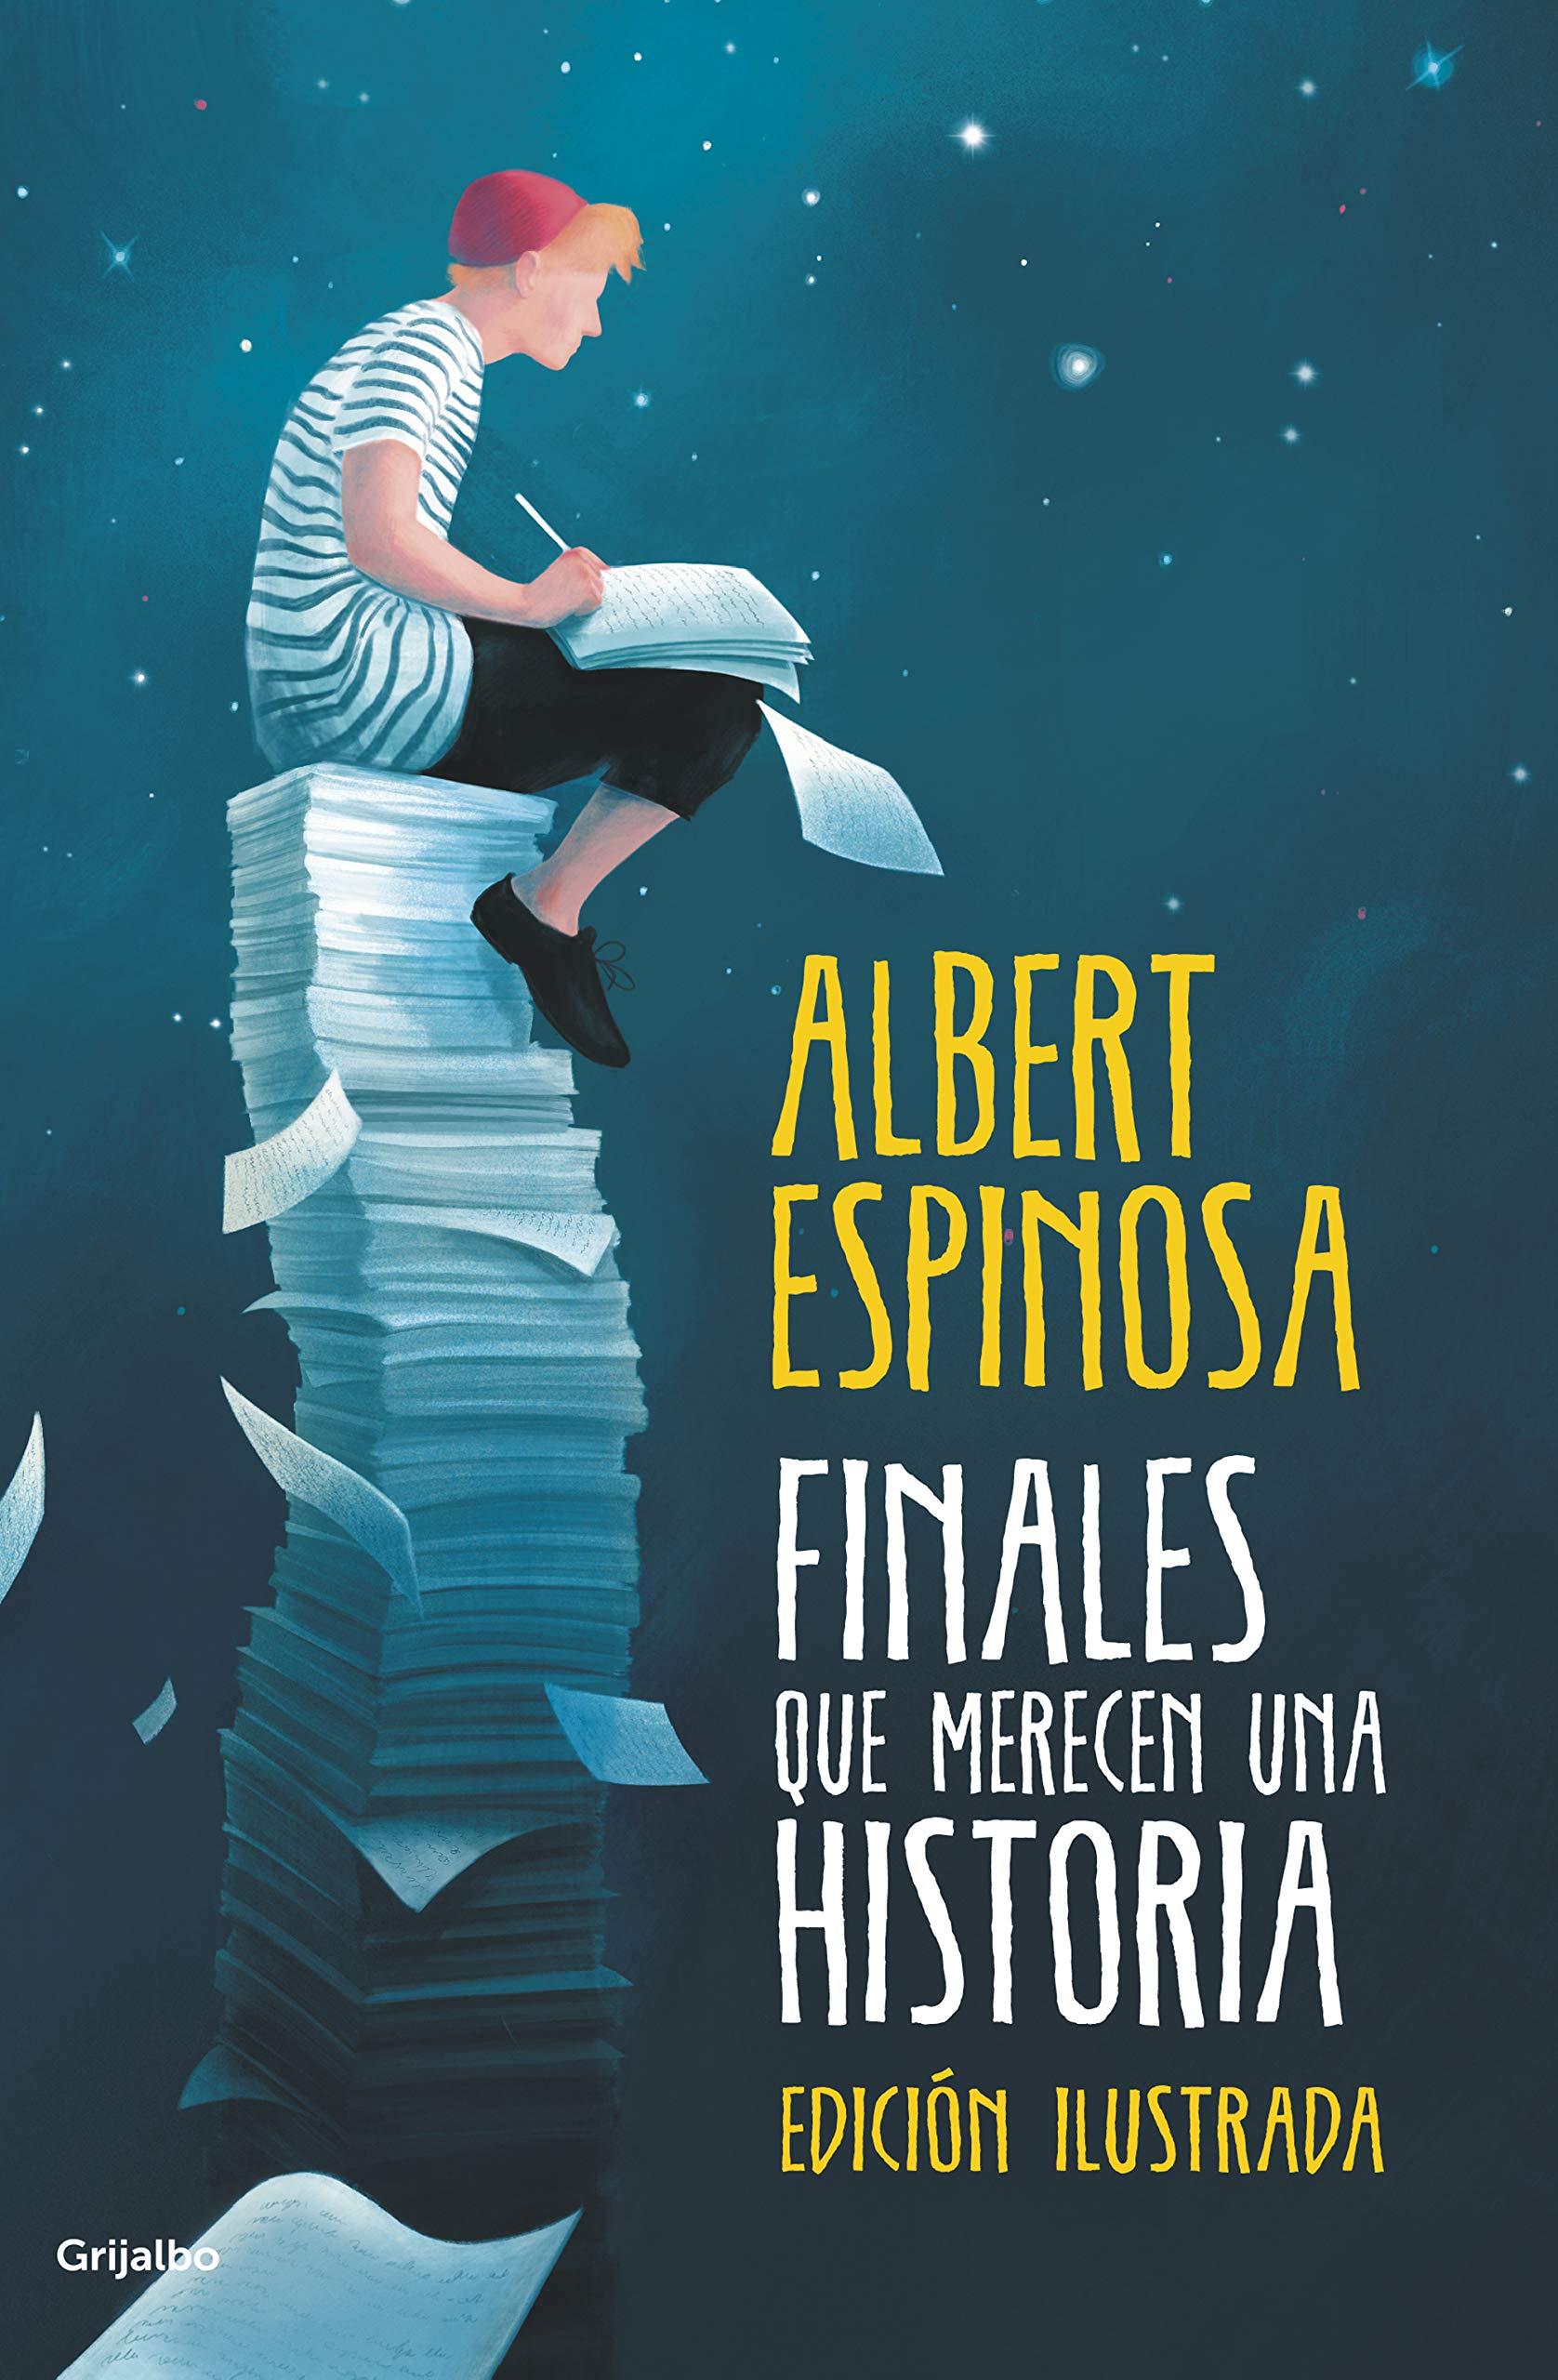 Finales que merecen una historia: Lo que perdimos en el fuego, renacerá en  las cenizas versión en español: Amazon.es: Albert Espinosa: Libros